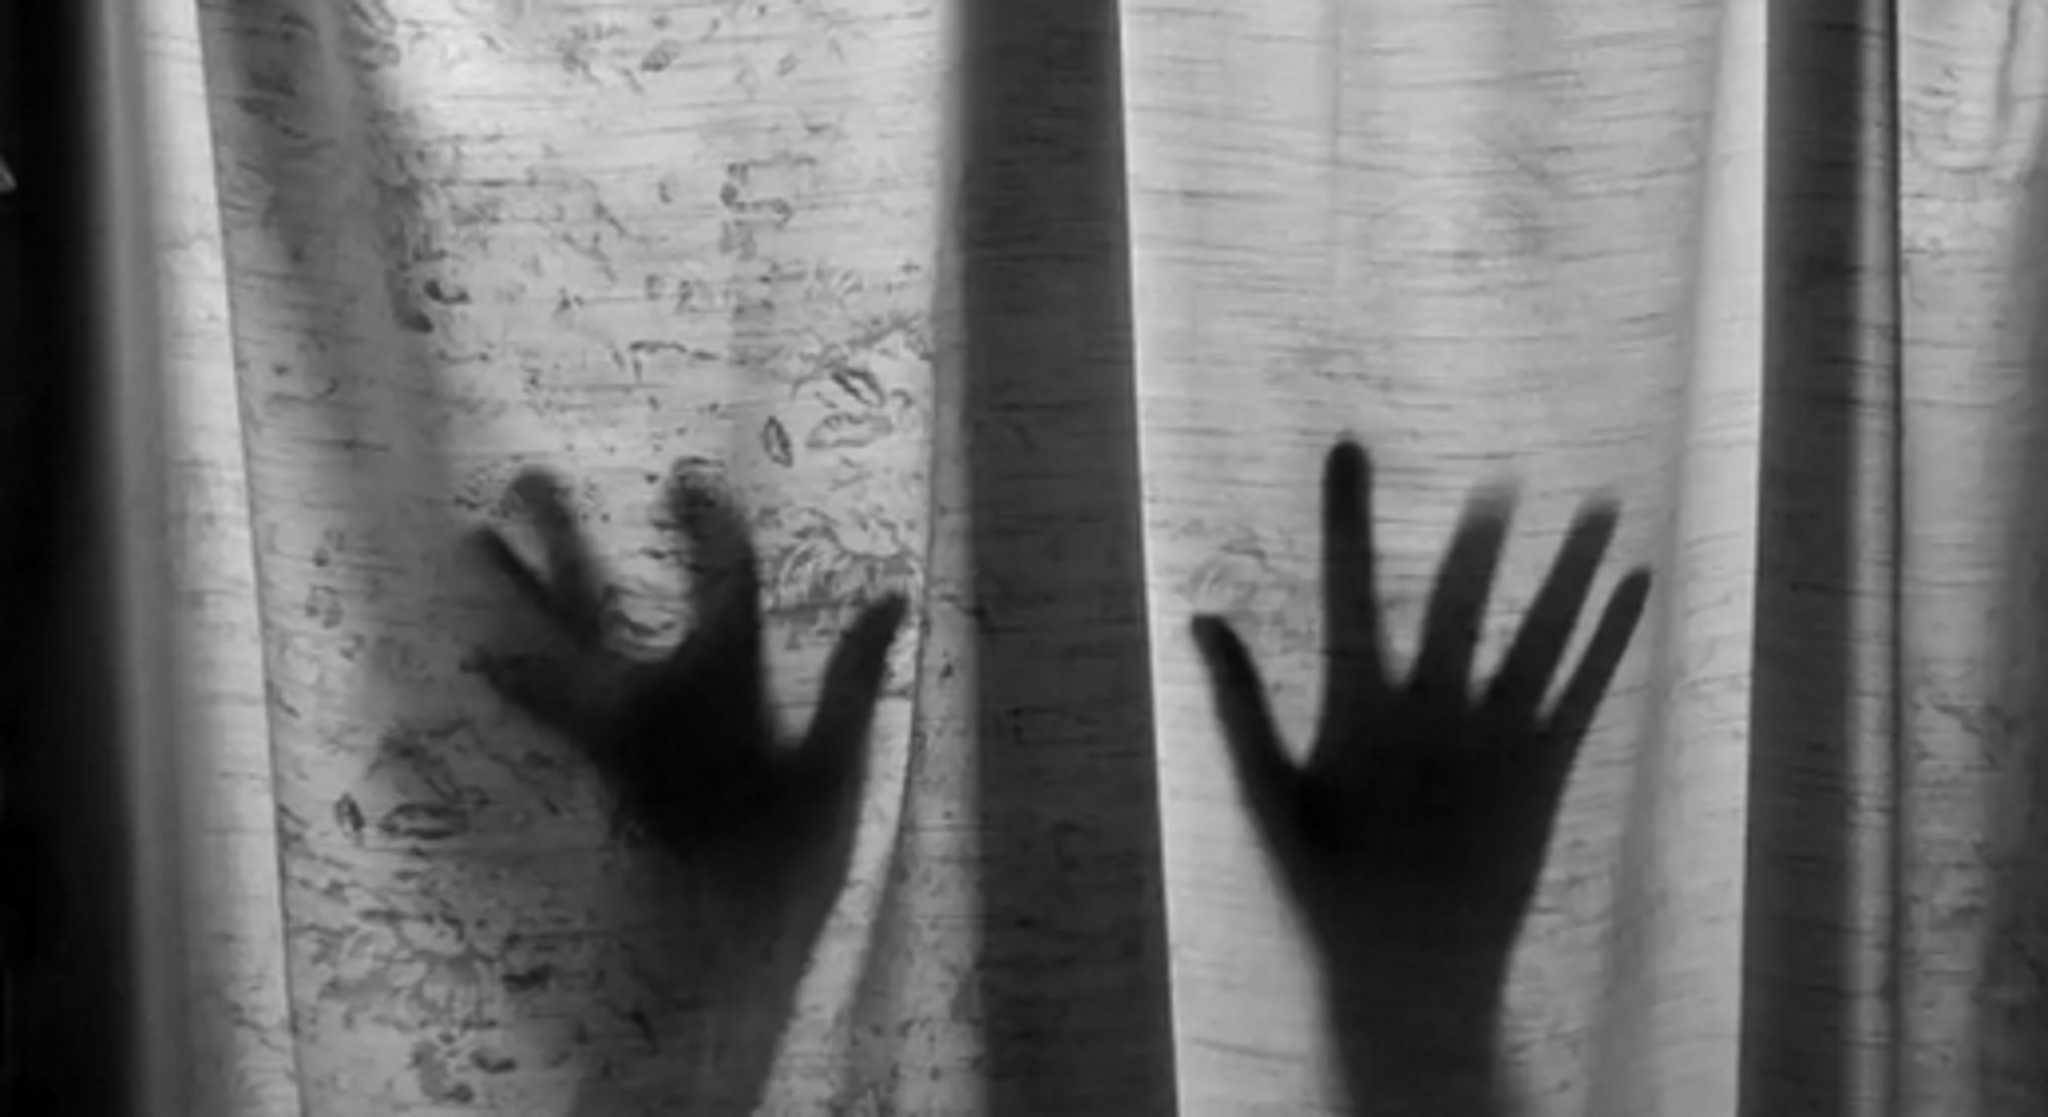 Λιβαδειά: Στον ανακριτή ο 44χρονος που κατηγορείται ότι βίασε 15χρονη – ΒΙΝΤΕΟ